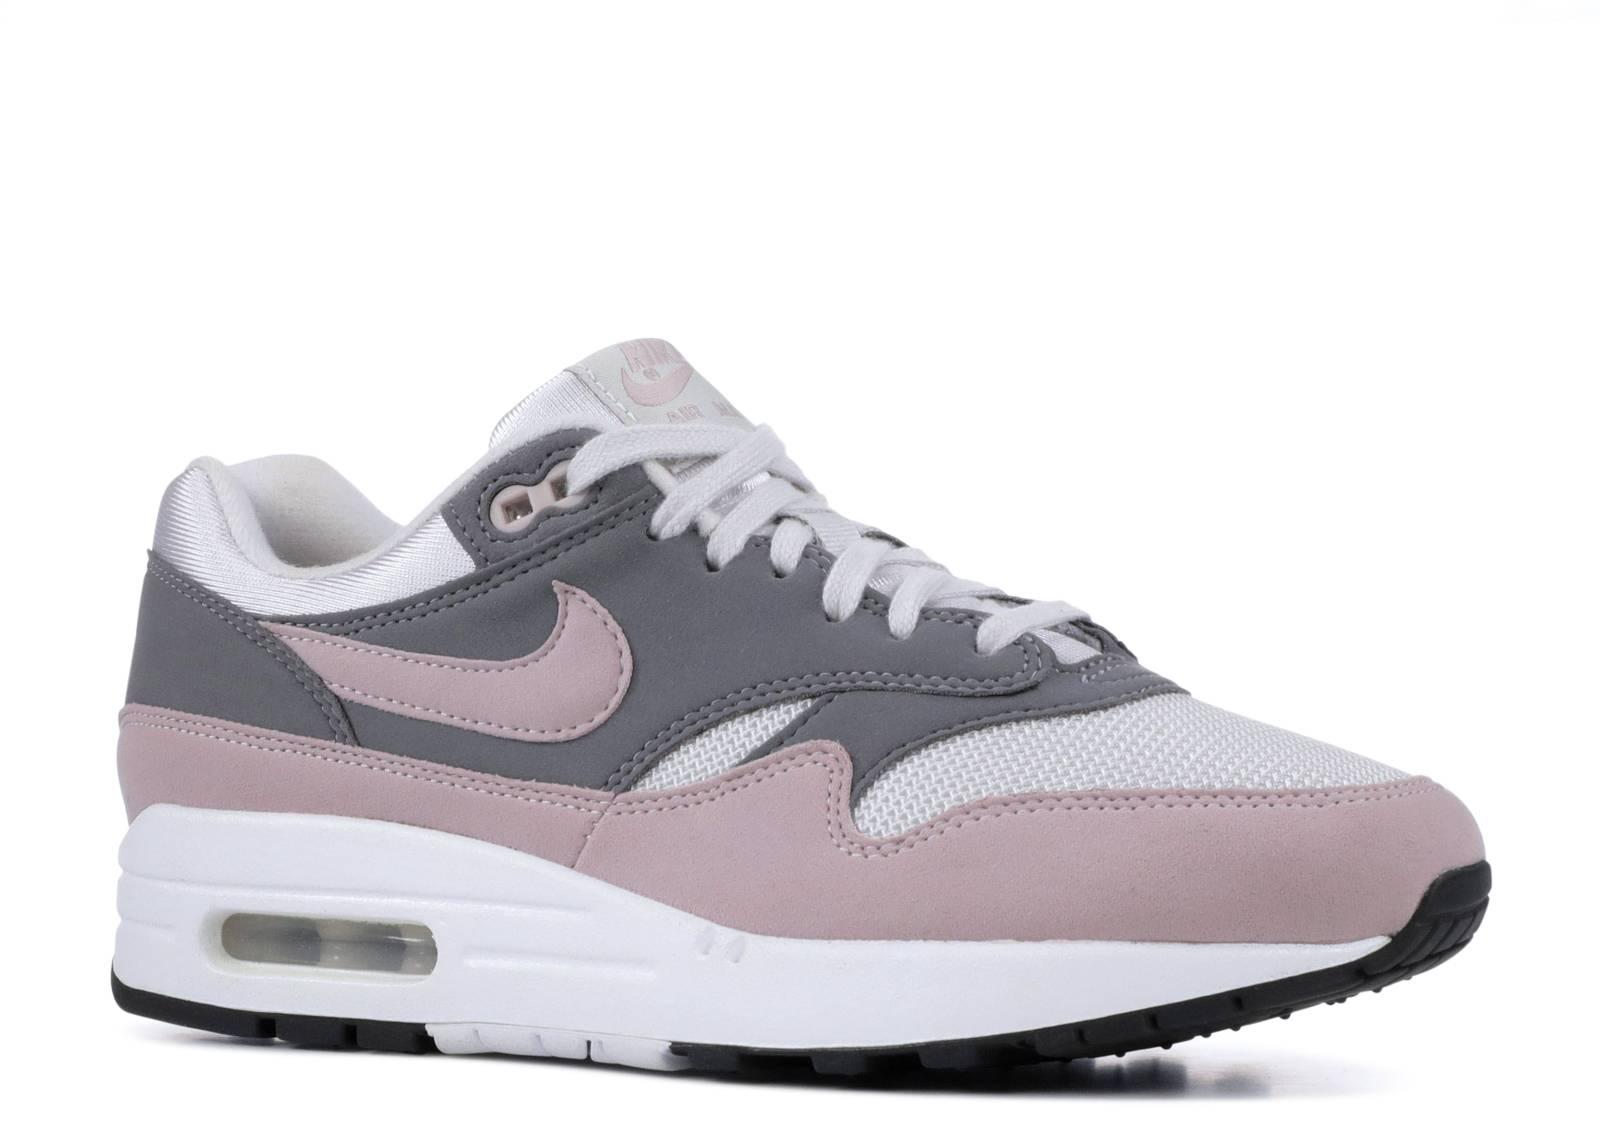 Womens Nike Air Max 1 Vast Grey particle Rose 319986 032